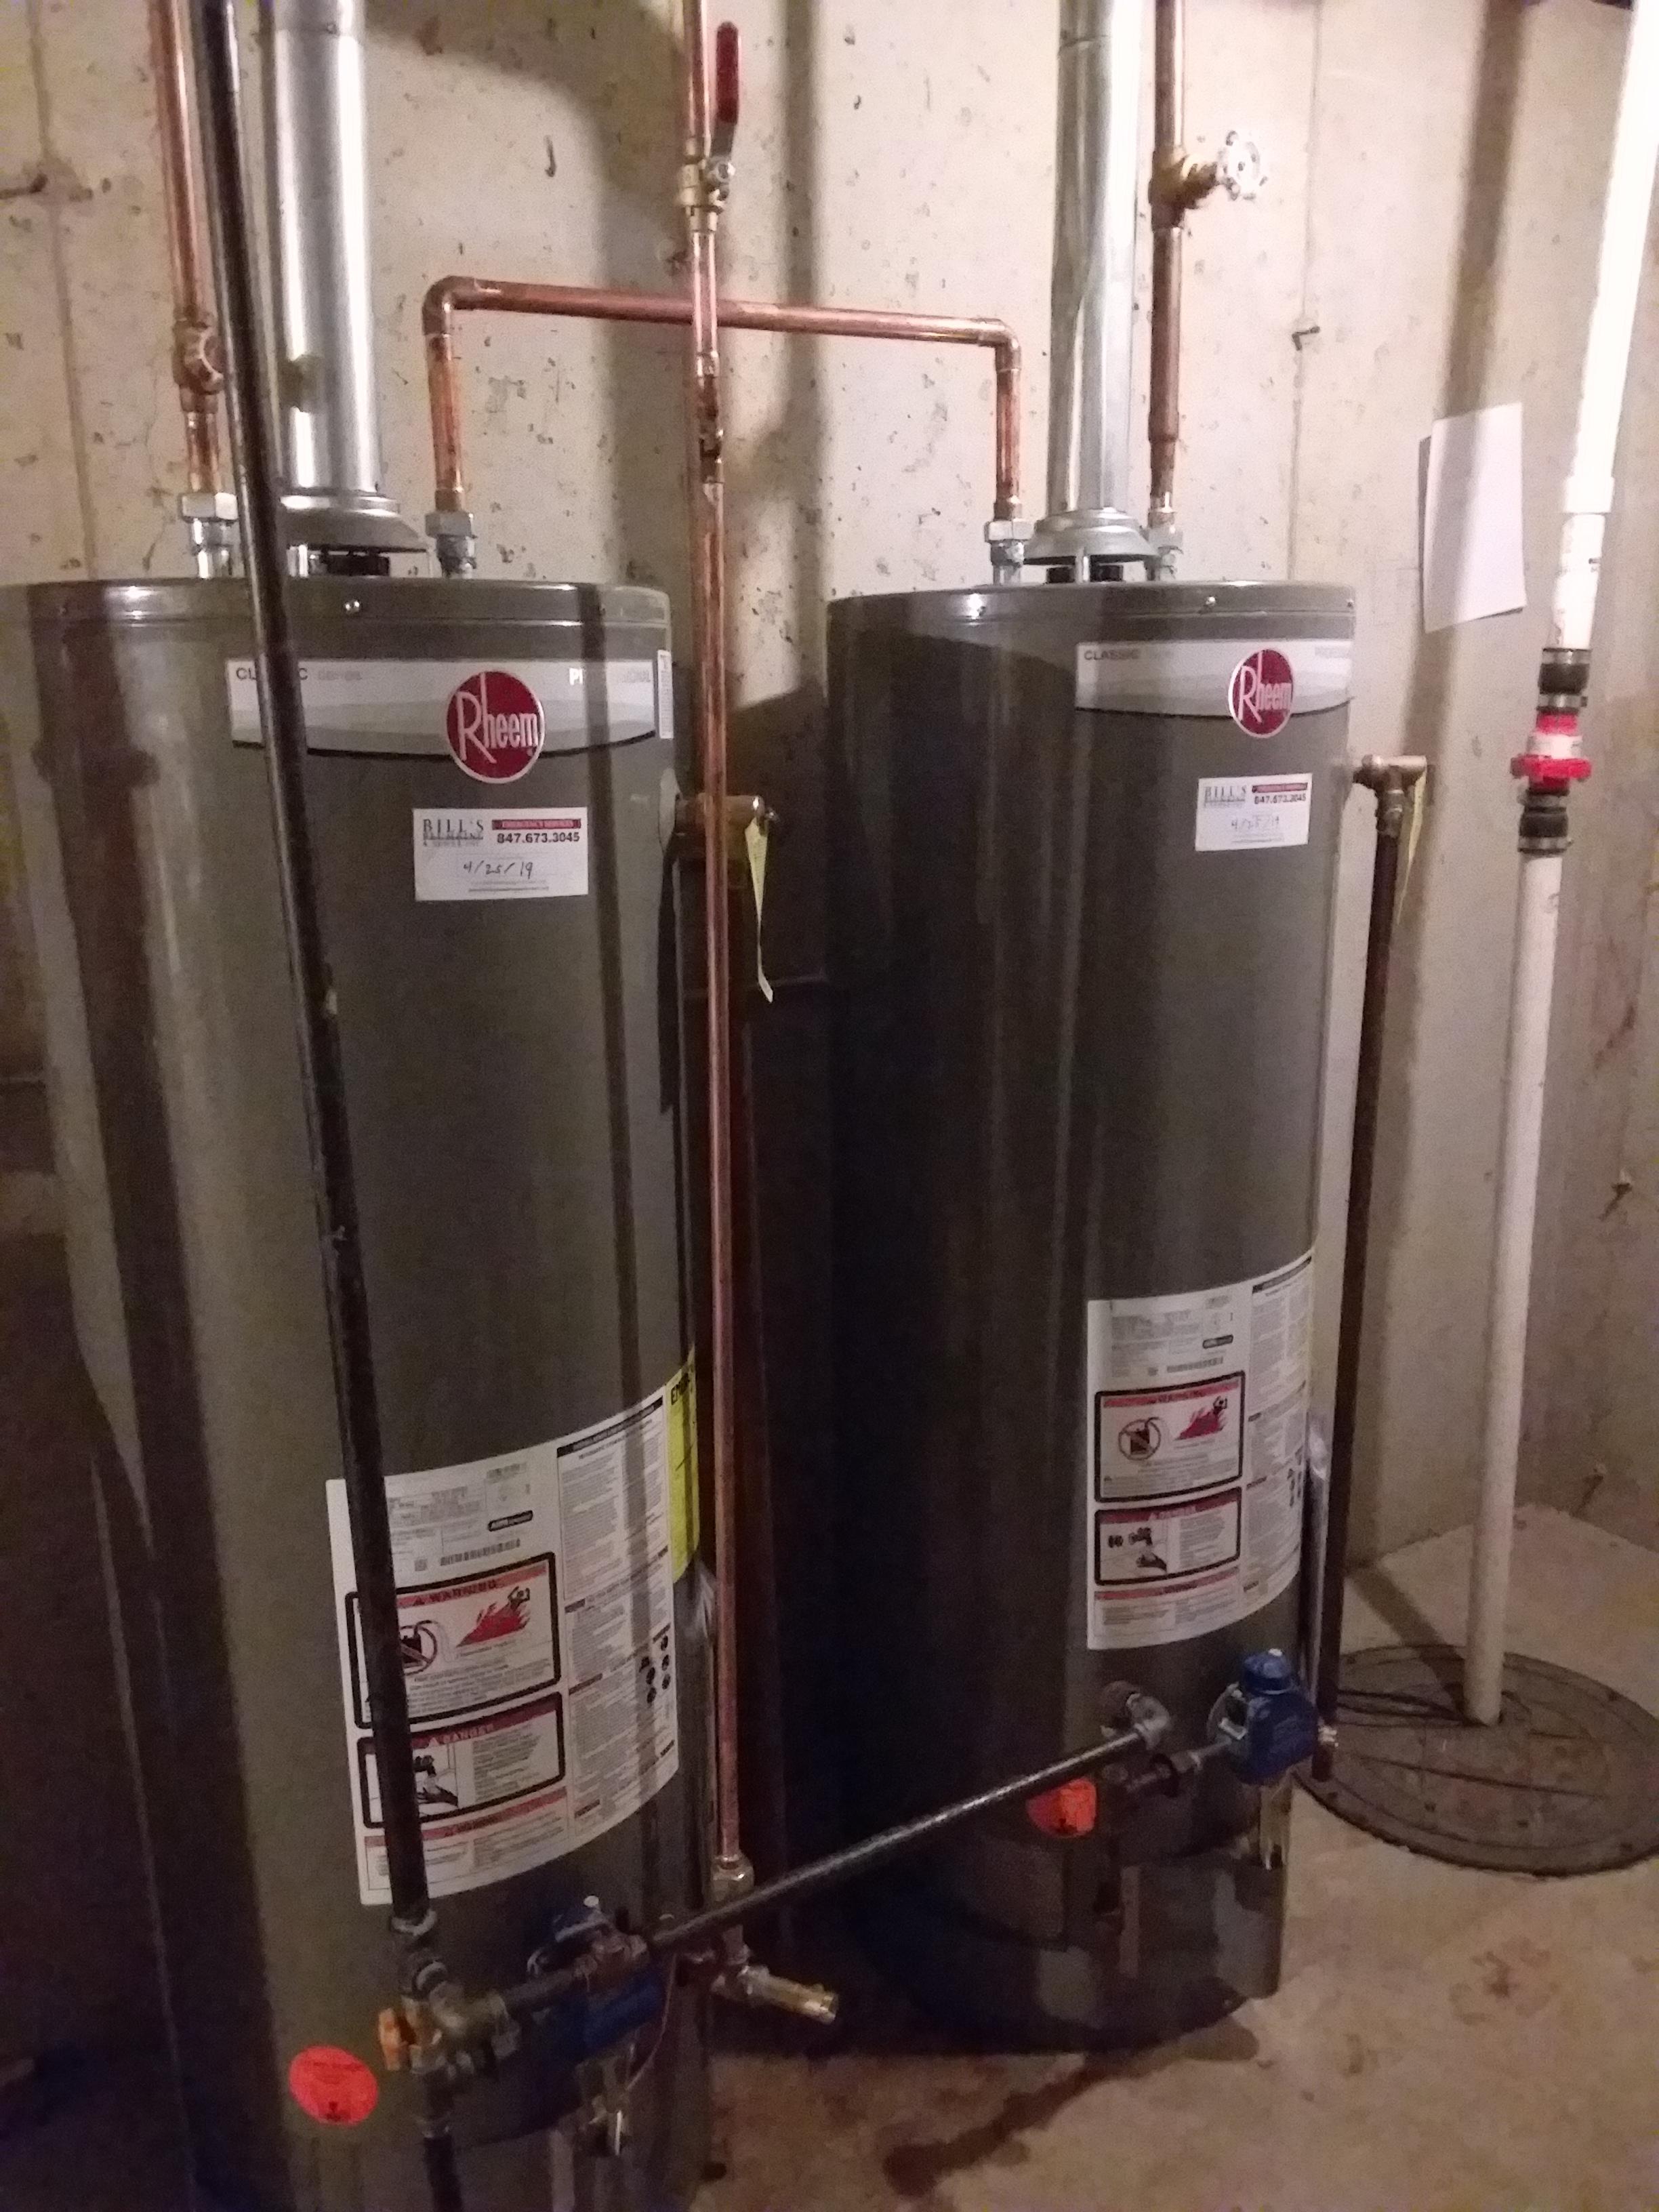 Bills Plumbing & Sewer Inc. image 9